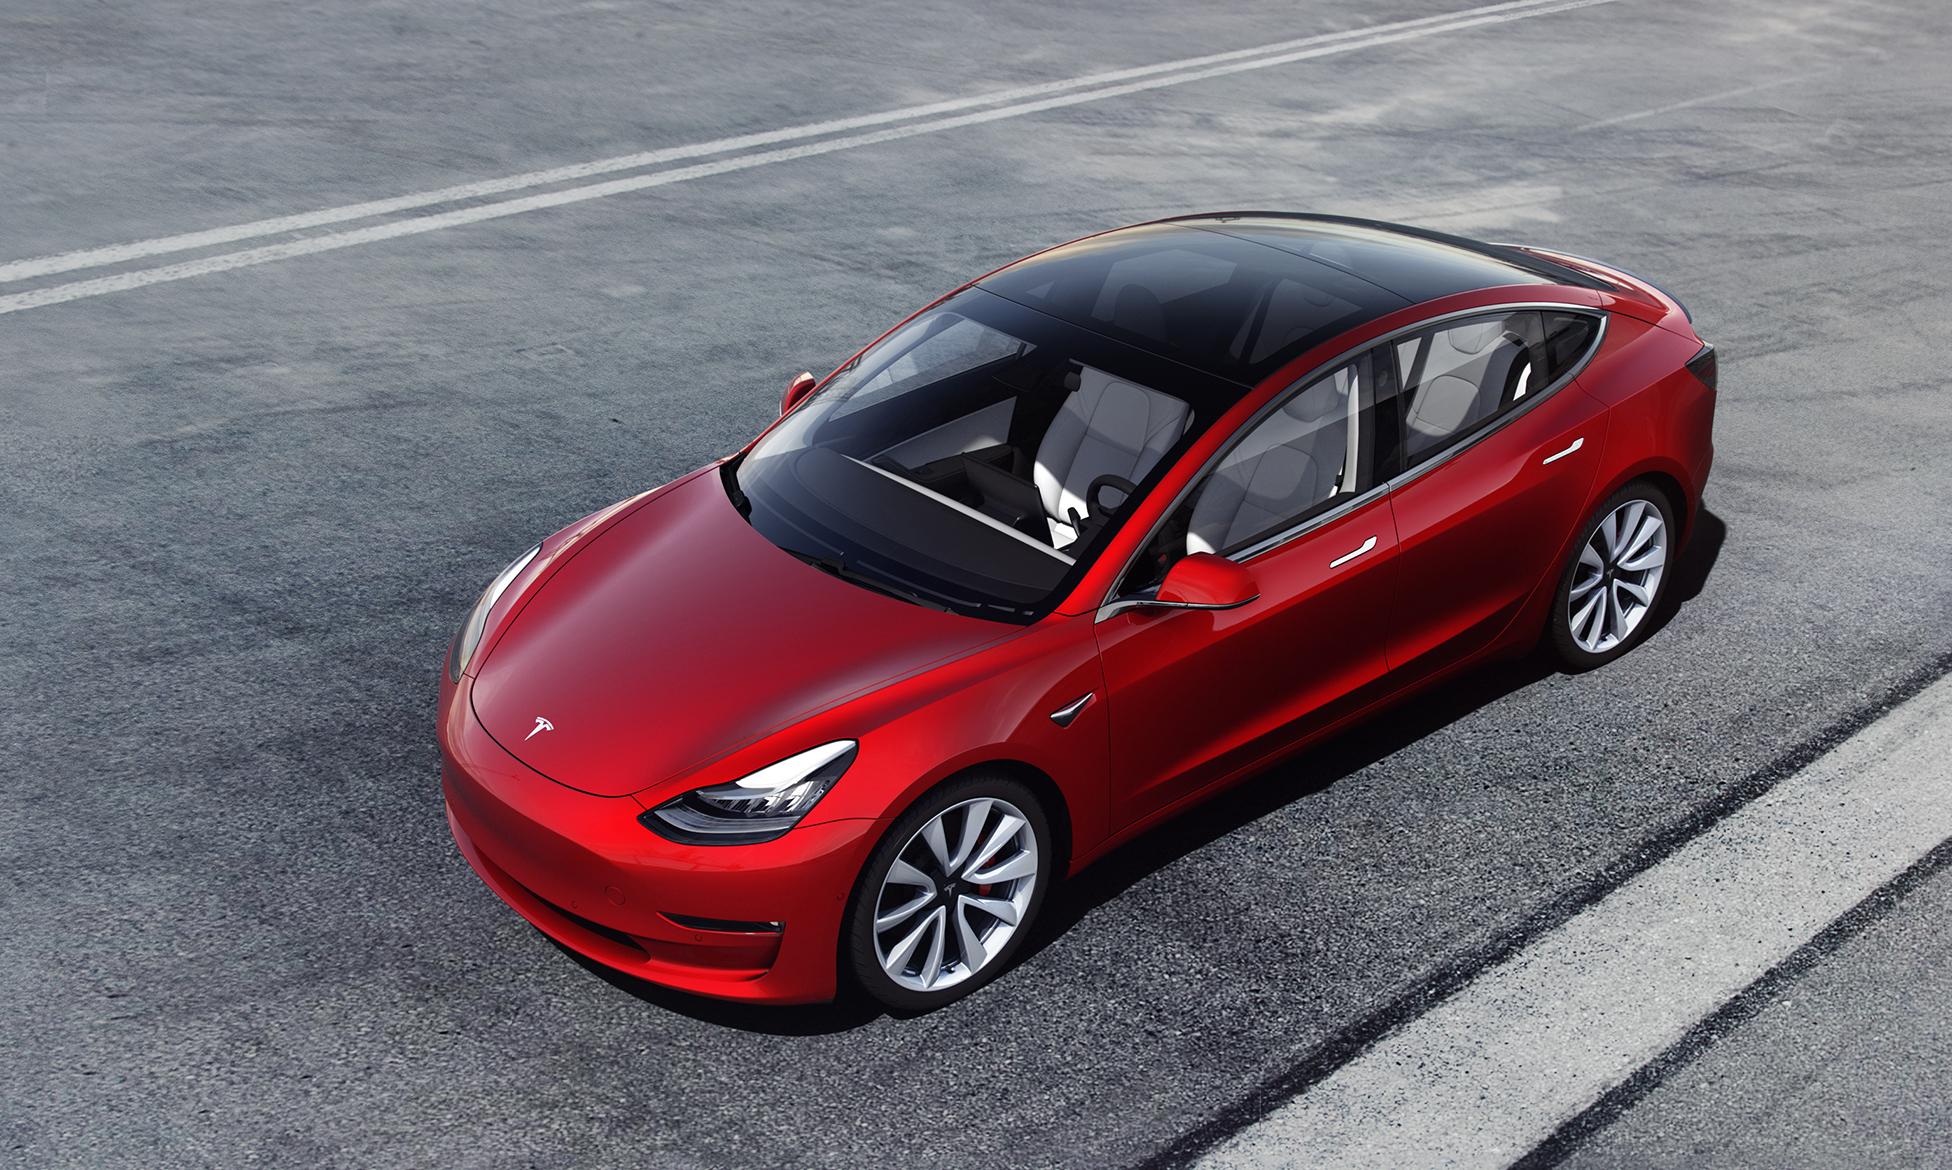 """Documentos obtidos pela Reuters mostram que órgãos dos Estados Unidos não estão de acordo com """"propaganda"""" de Elon Musk sobre o Tesla Model 3"""